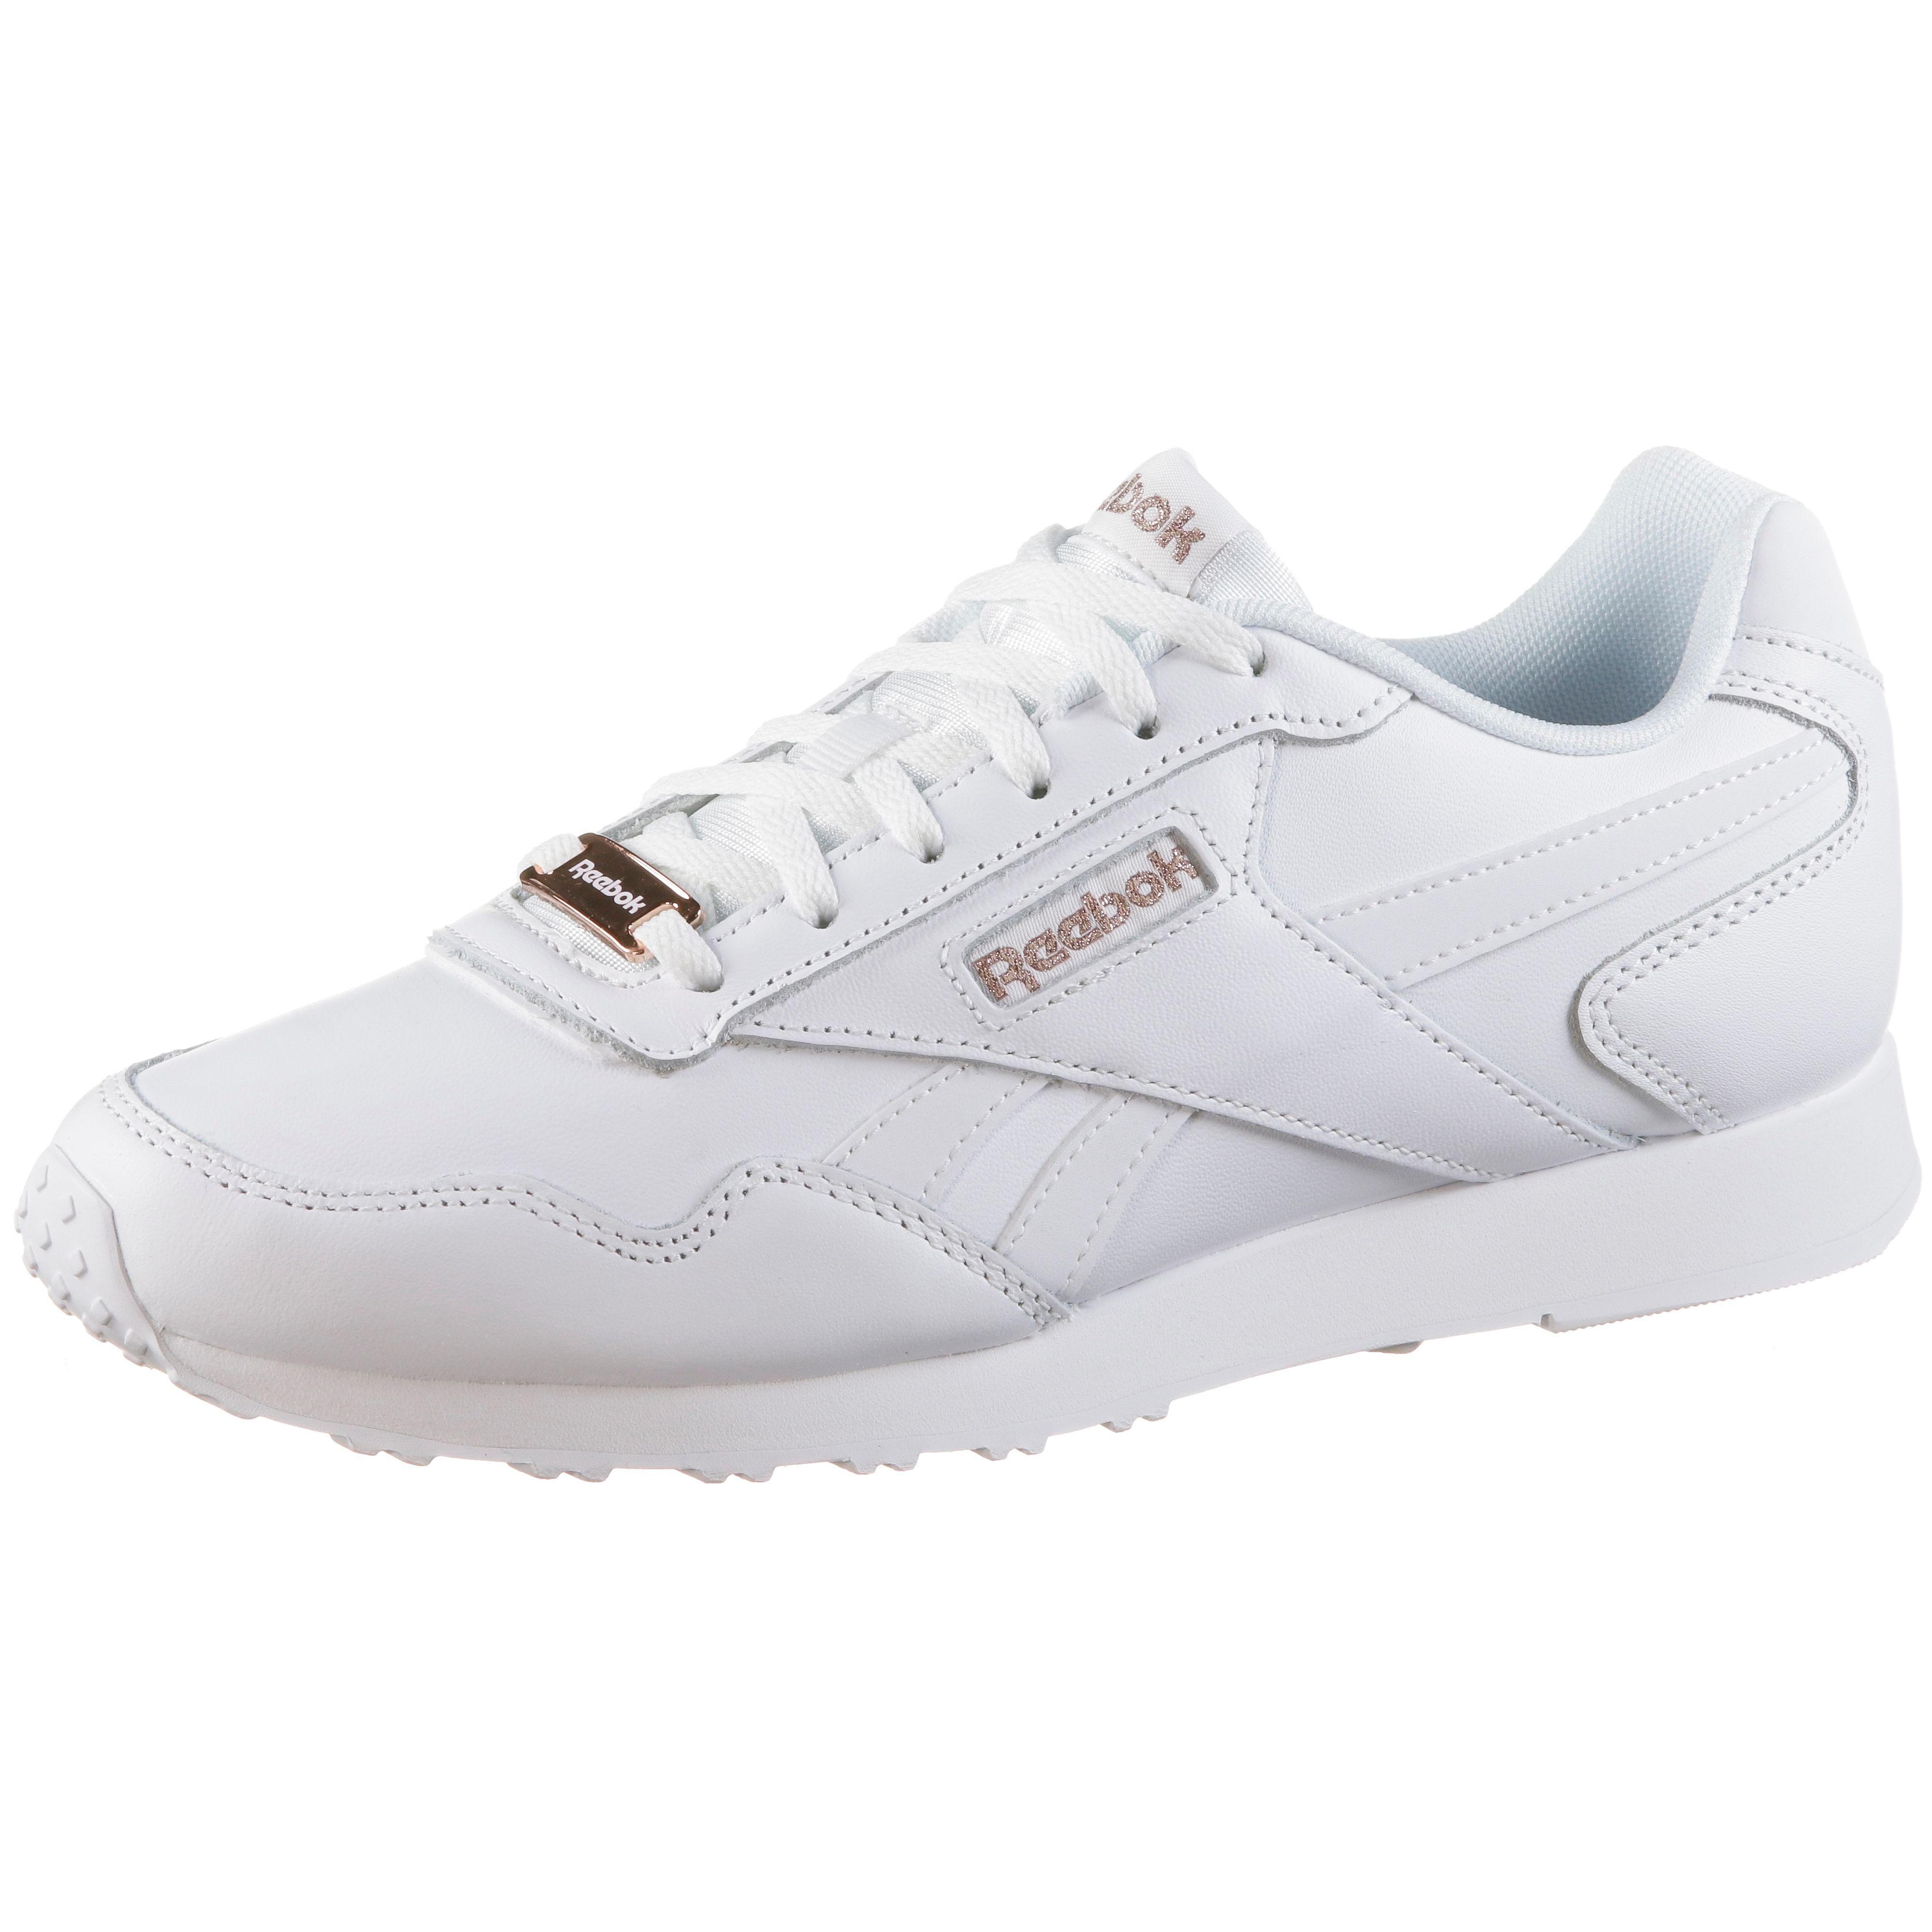 Reebok ROYAL TECHQUE T LX Sneaker Damen, whiterose gold,Größen: 36, 37 1/2, 37, 38, 38 1/2, 39, 40, 40 1/2, 41, 42